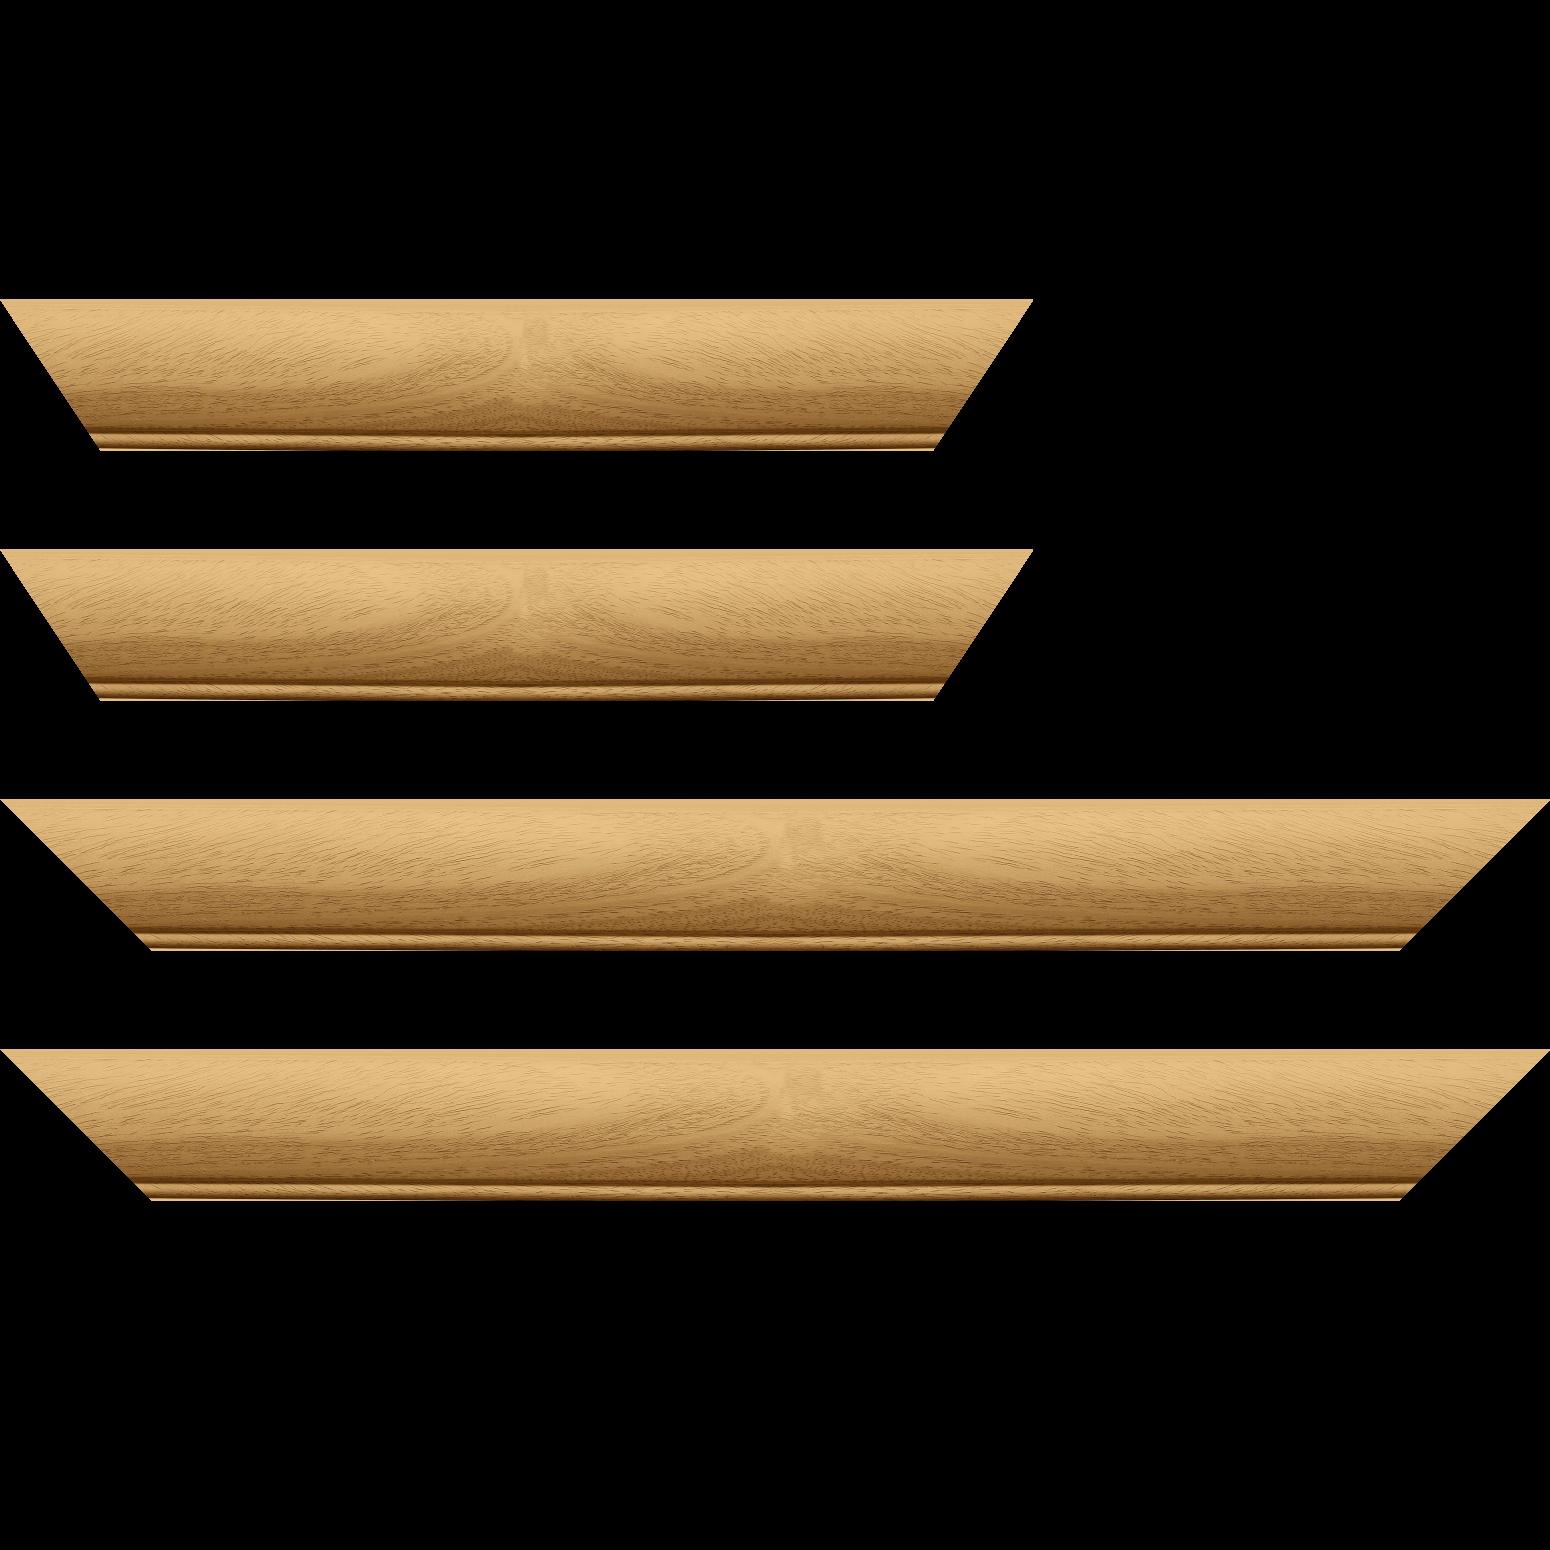 Baguette service précoupé Bois profil arrondi largeur 4.7cm couleur naturel satiné